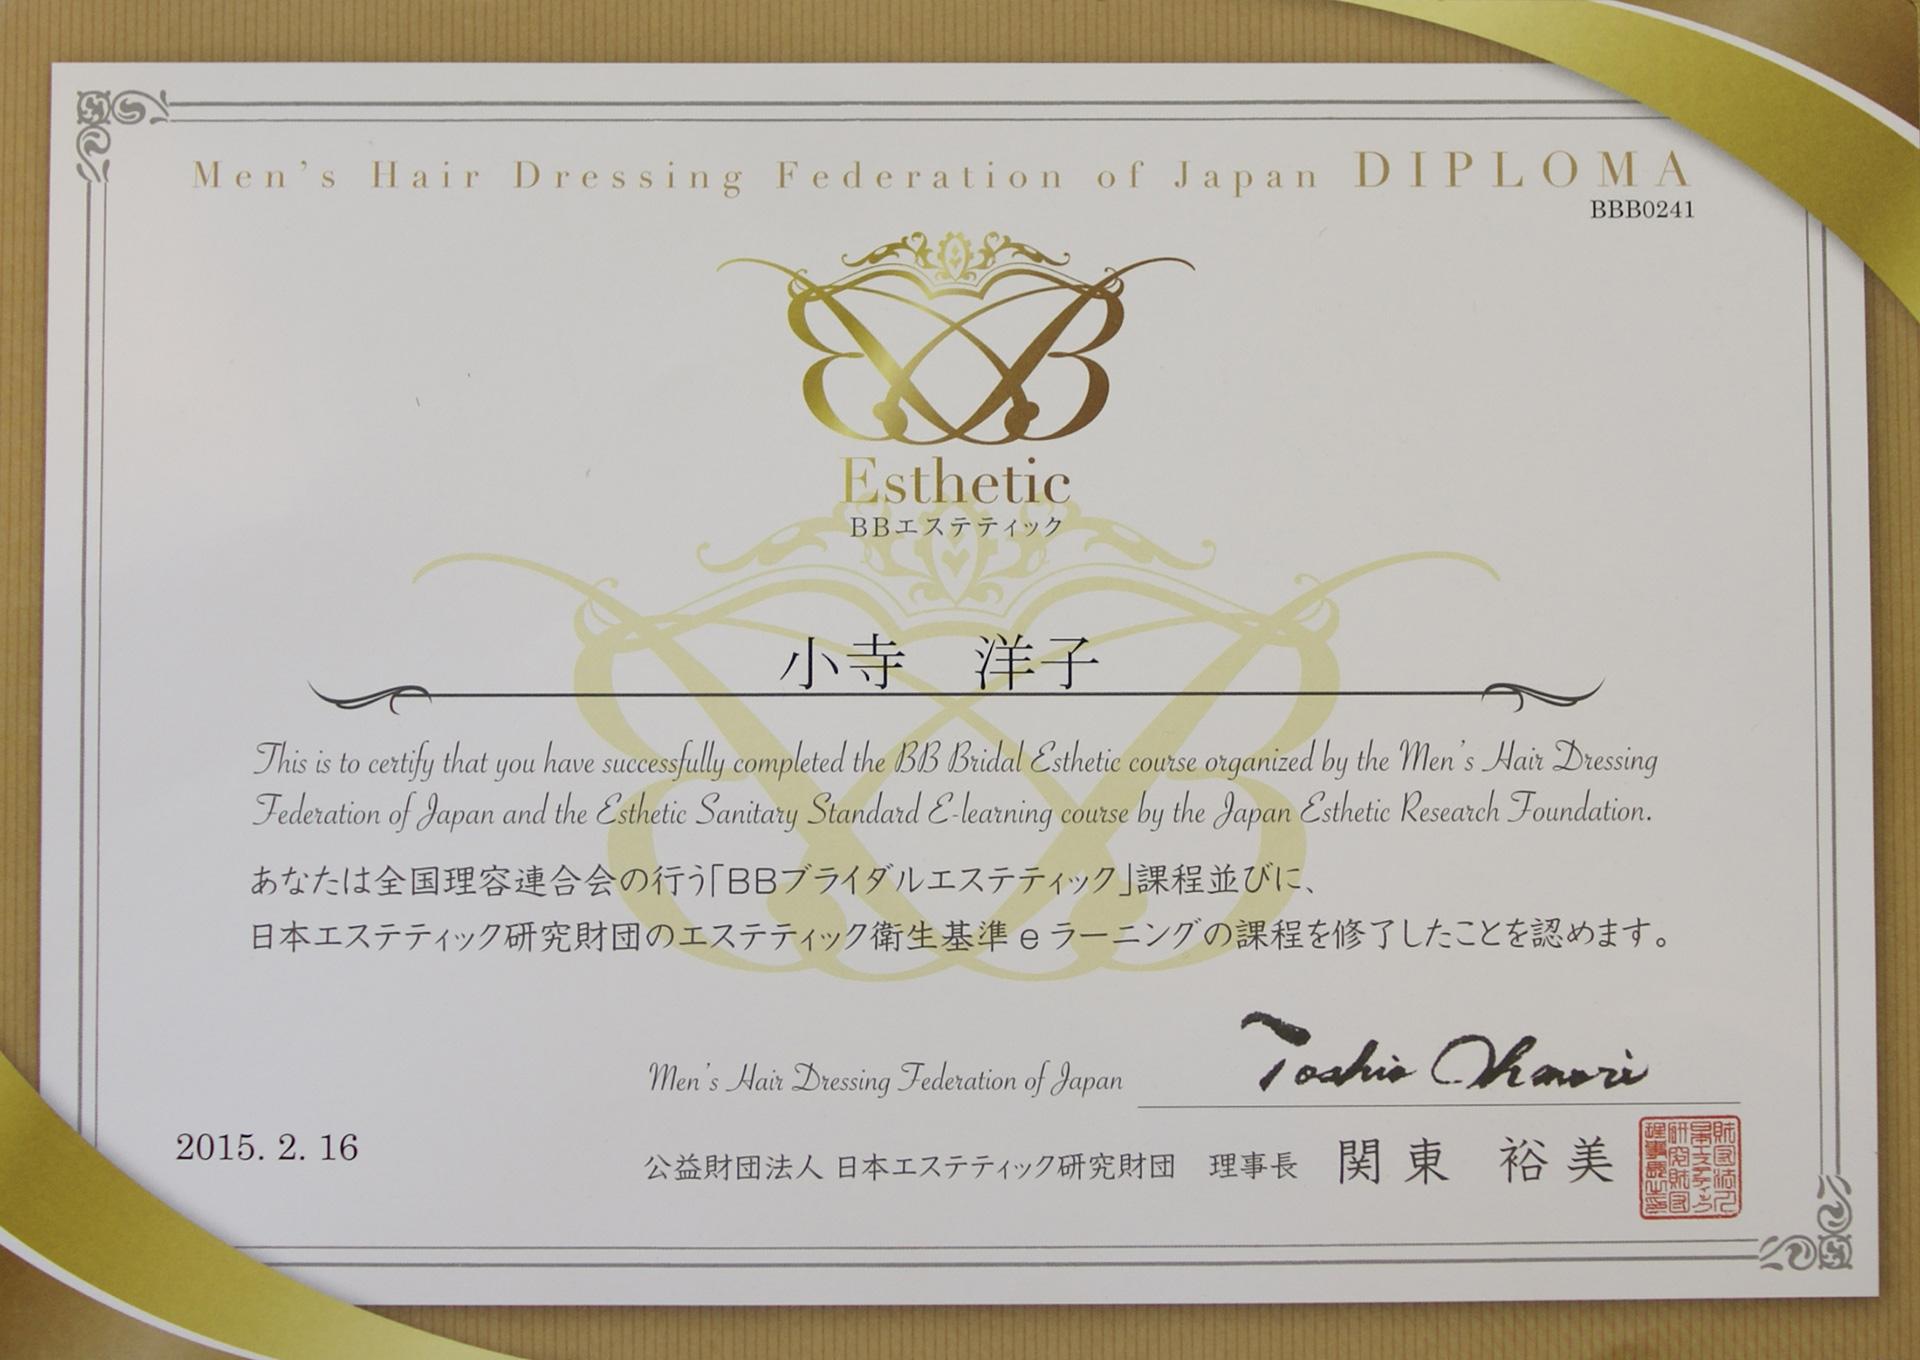 全国理容連合会『BBブライダルエステティック』過程、日本エステティック研究財団『エステティック衛生基準eラーニング』課程修了証